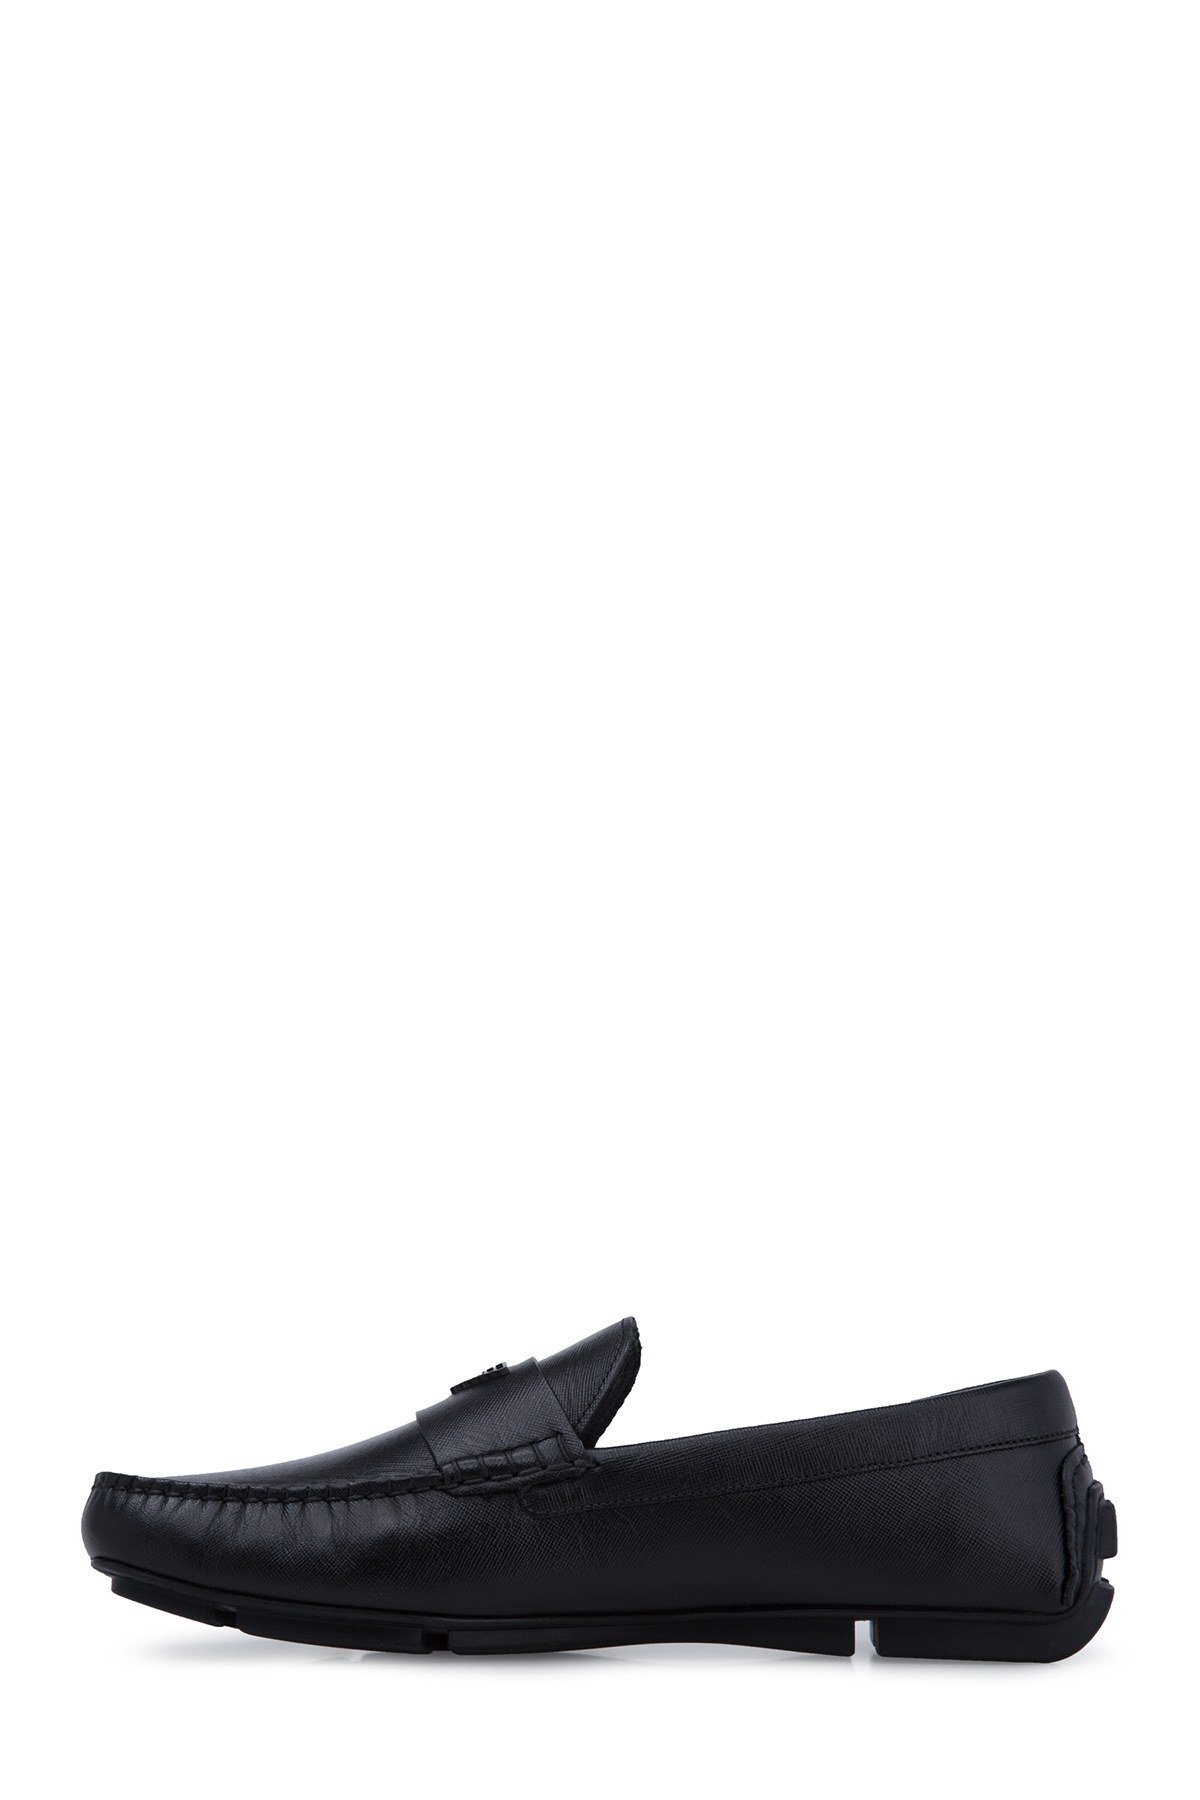 Emporio Armani Erkek Ayakkabı S X4B124 XF330 00002 SİYAH